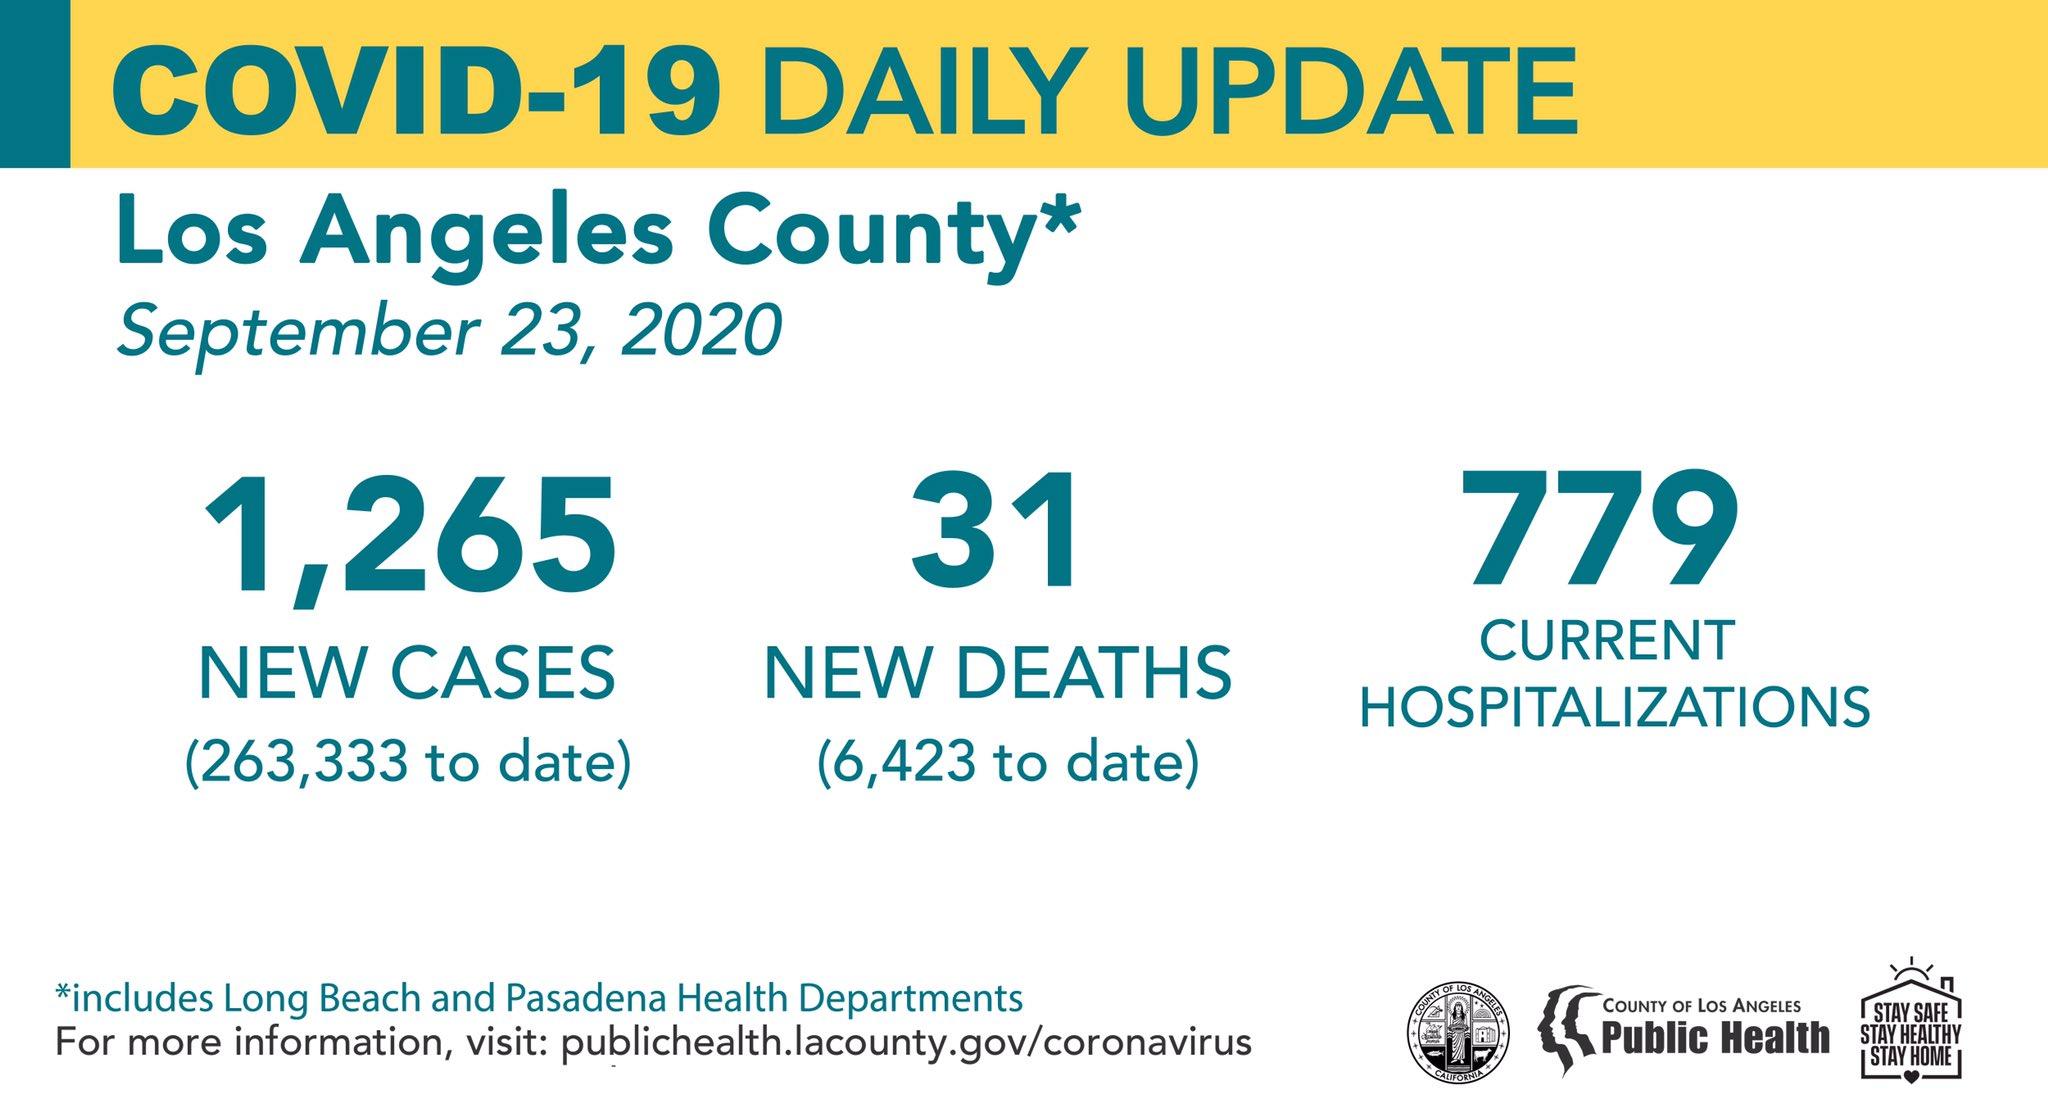 洛杉矶县9月23日新增新冠1,265例,死亡31例